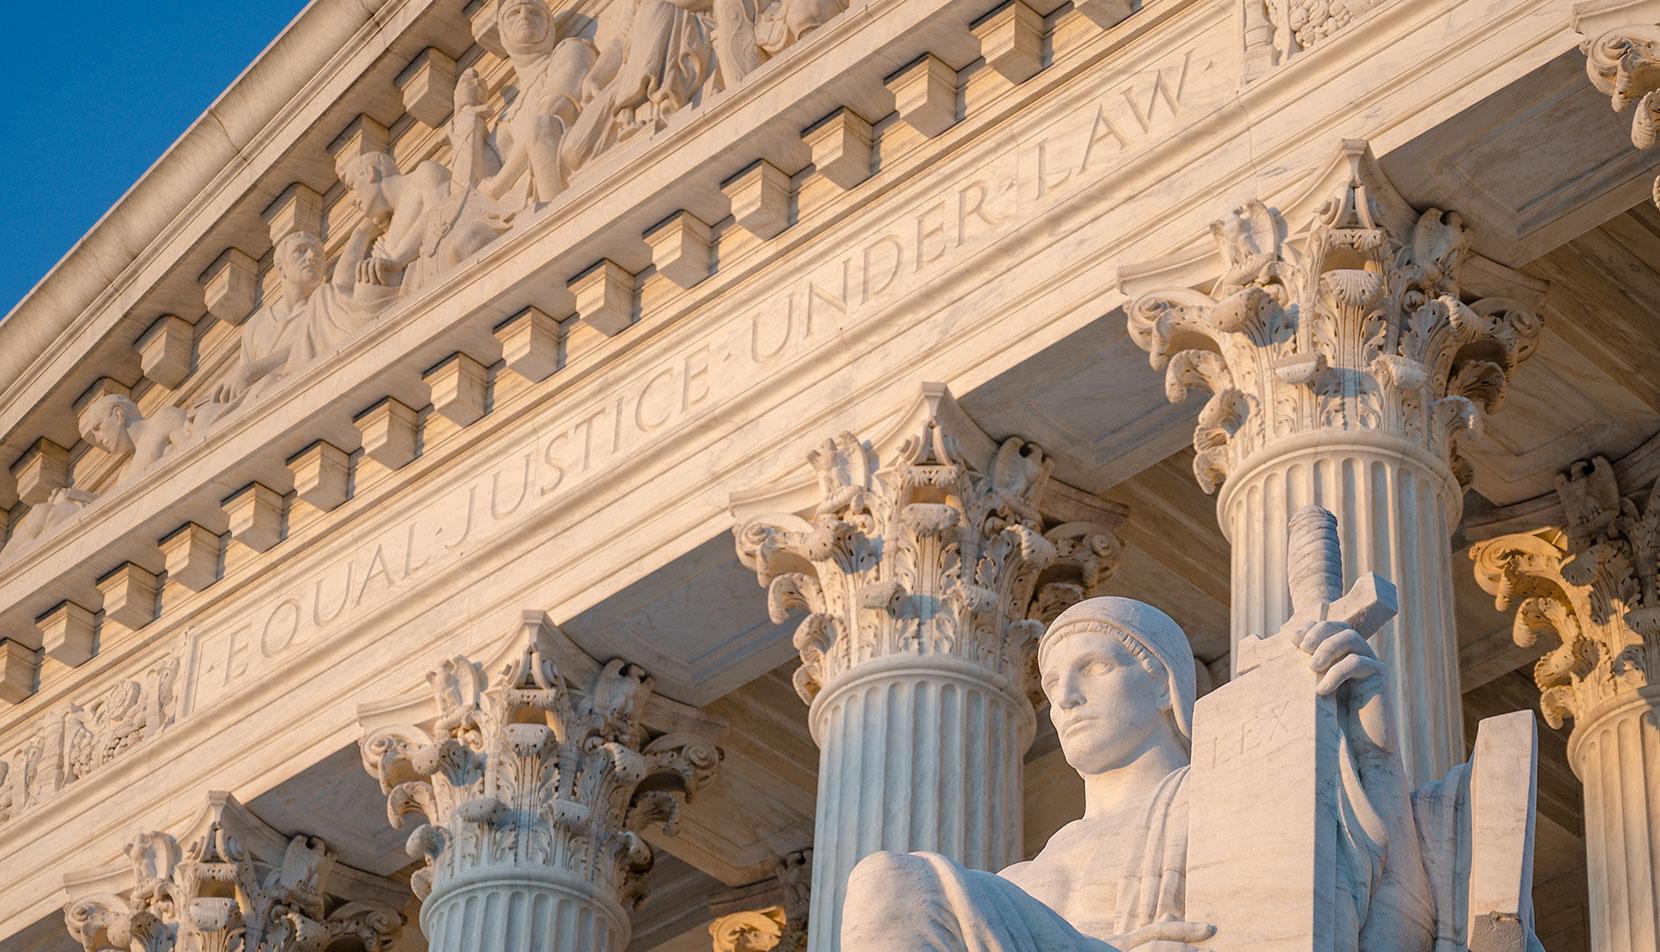 Supreme Court building facade